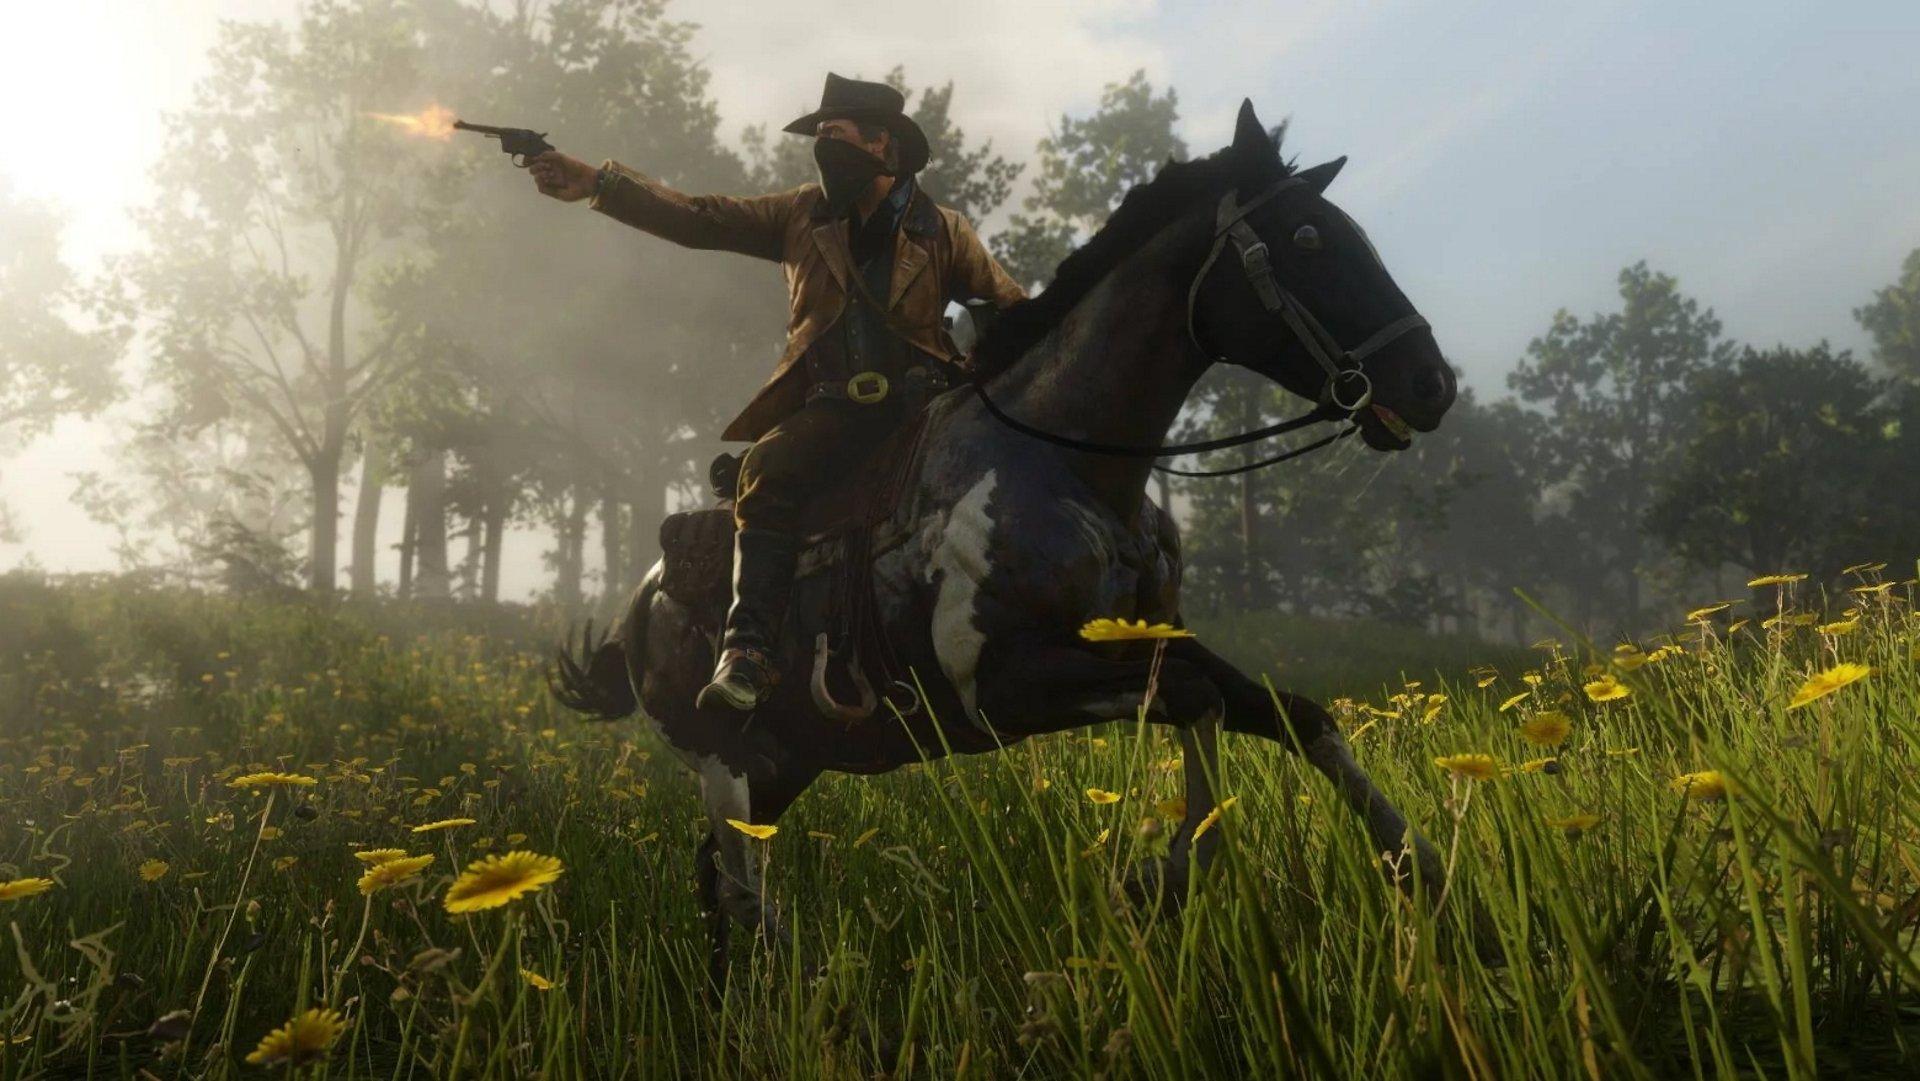 Red Dead Redemption 2 mise à jour 1.14 les notes de mise à jour contiennent des correctifs de performance pour PC